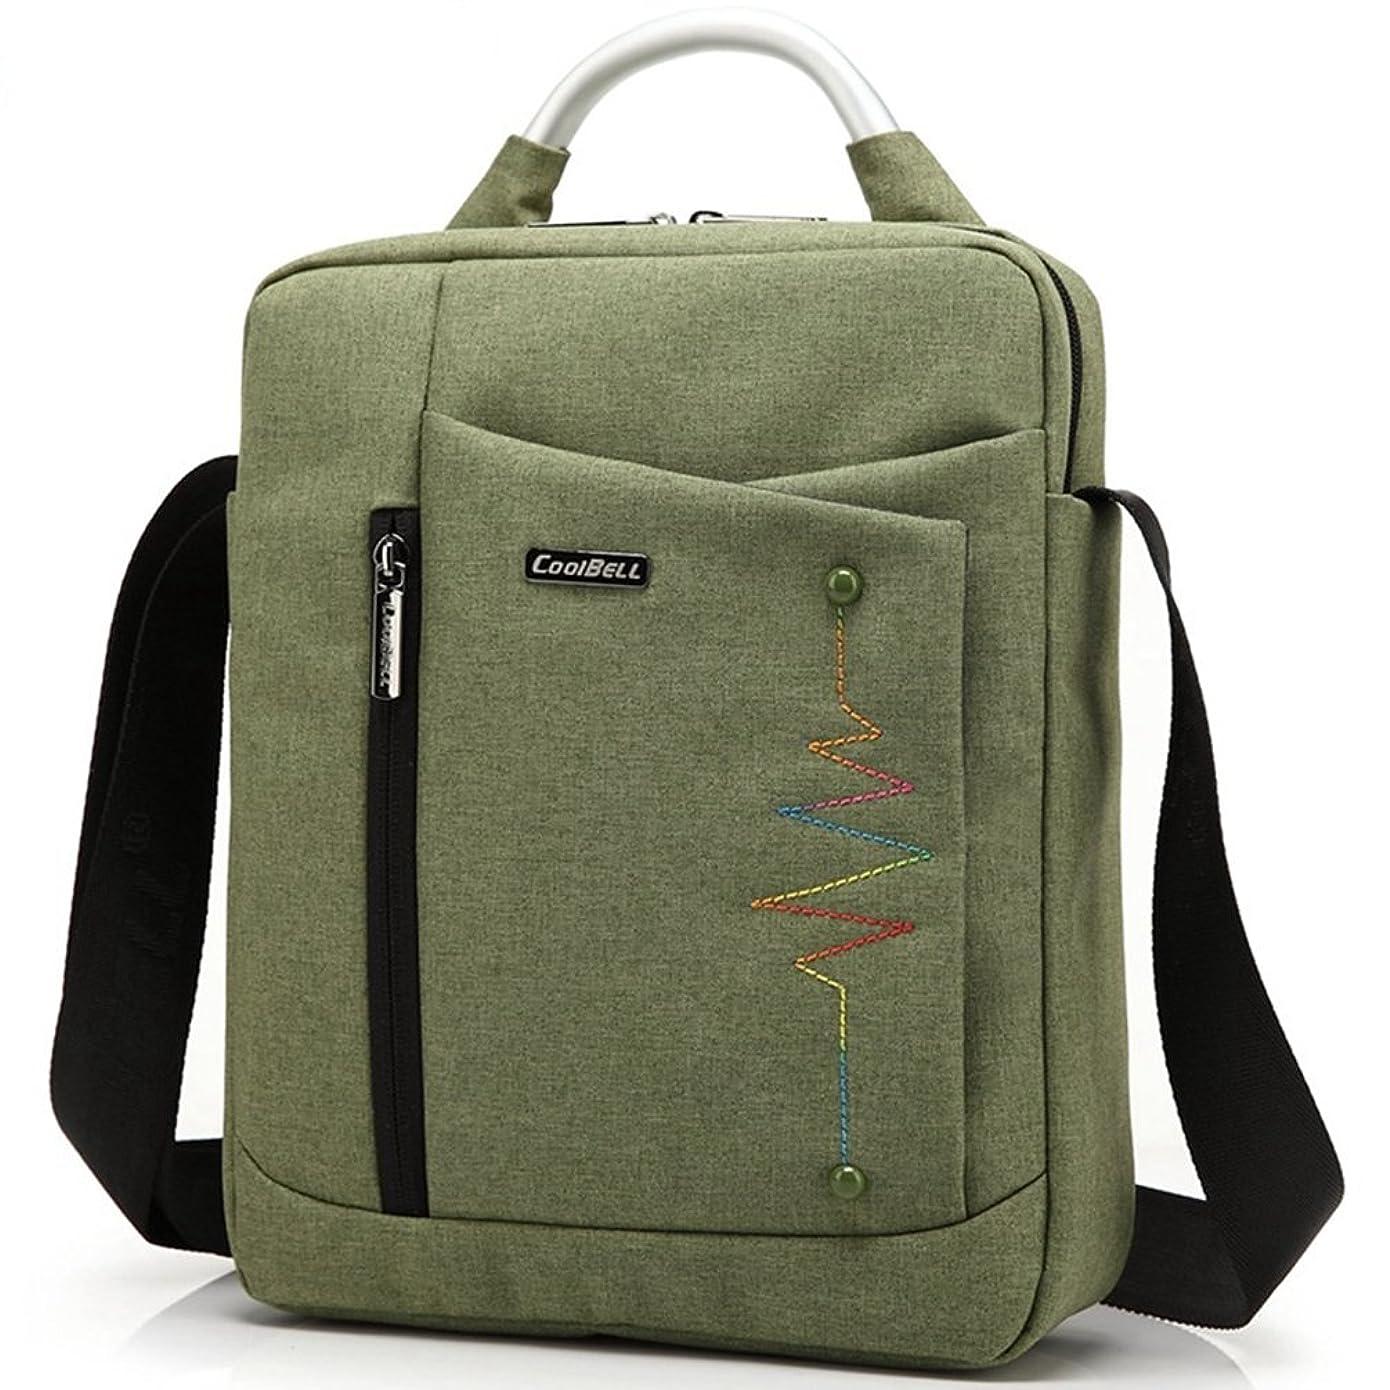 深さ急流良心PCバッグ ビジネスバッグ メンズ ブリーフケース トートバッグ 8インチ~15.6インチPC パソコン ケース ショルダーバッグ 人気 コンピューター ブリーフケース 通学 通勤  A4サイズ 高校生 学生 縦型 12.1インチ 緑 グリーン